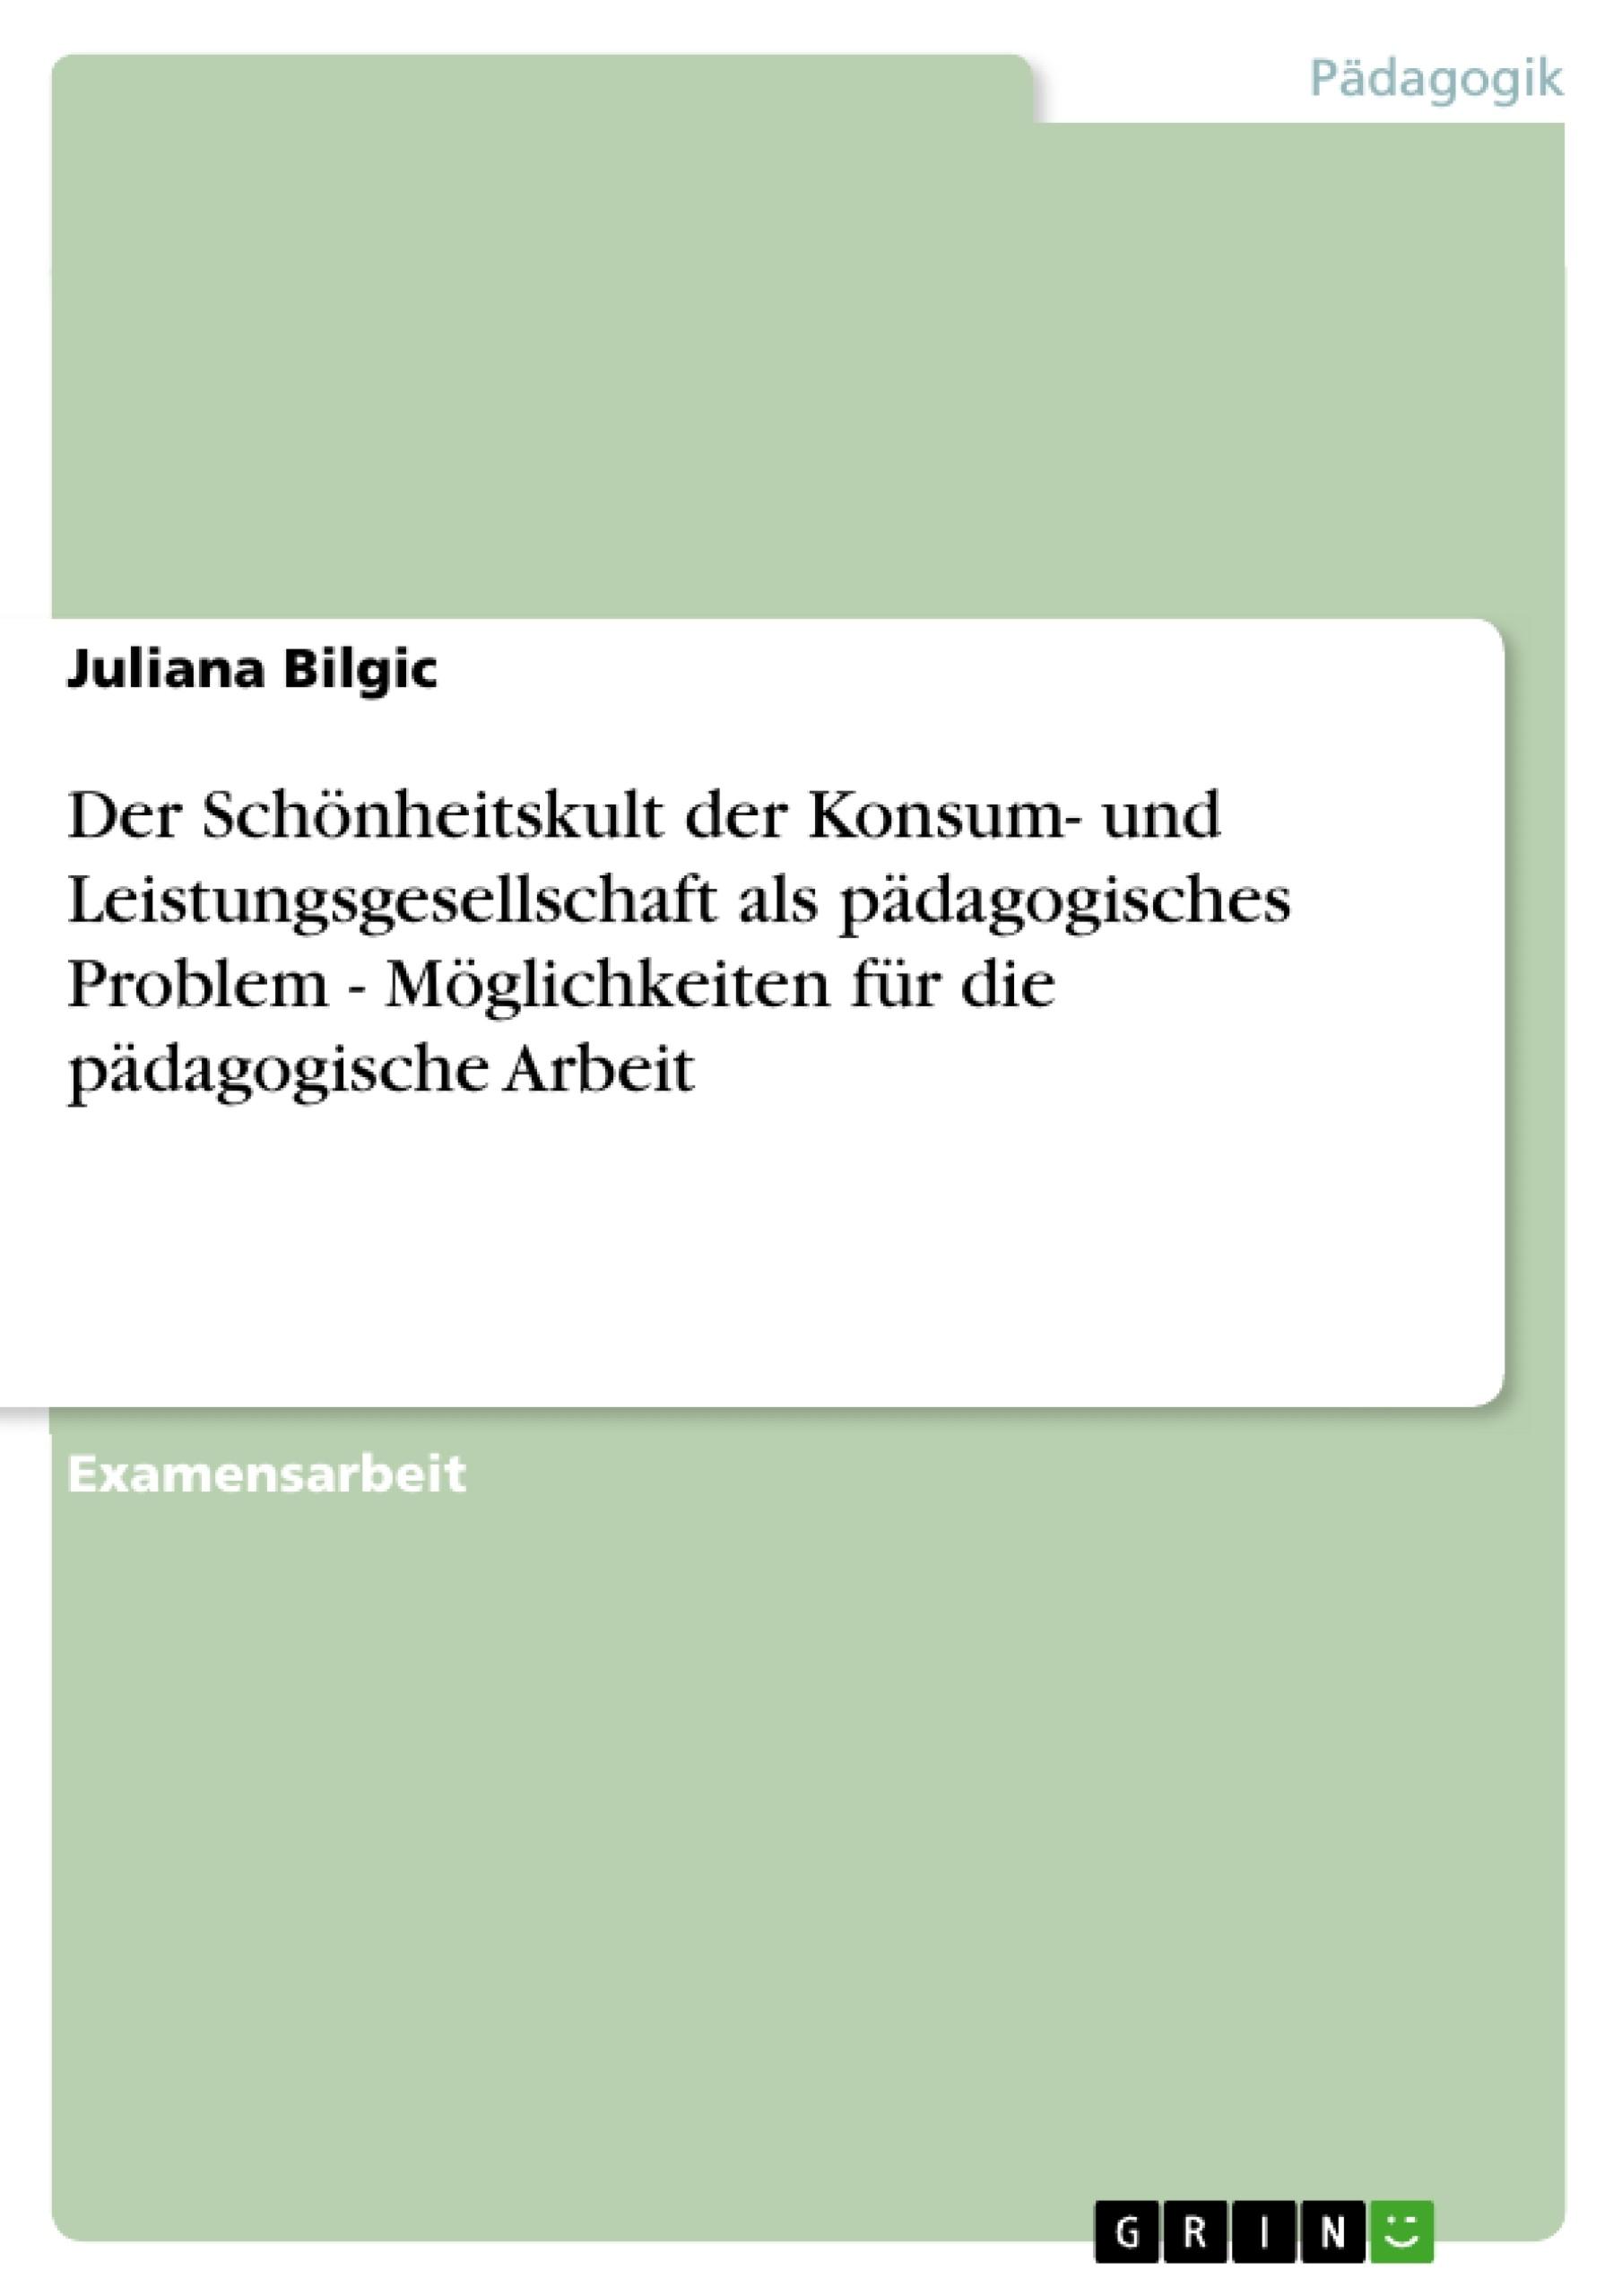 Titel: Der Schönheitskult der Konsum- und Leistungsgesellschaft als pädagogisches Problem - Möglichkeiten für die pädagogische Arbeit